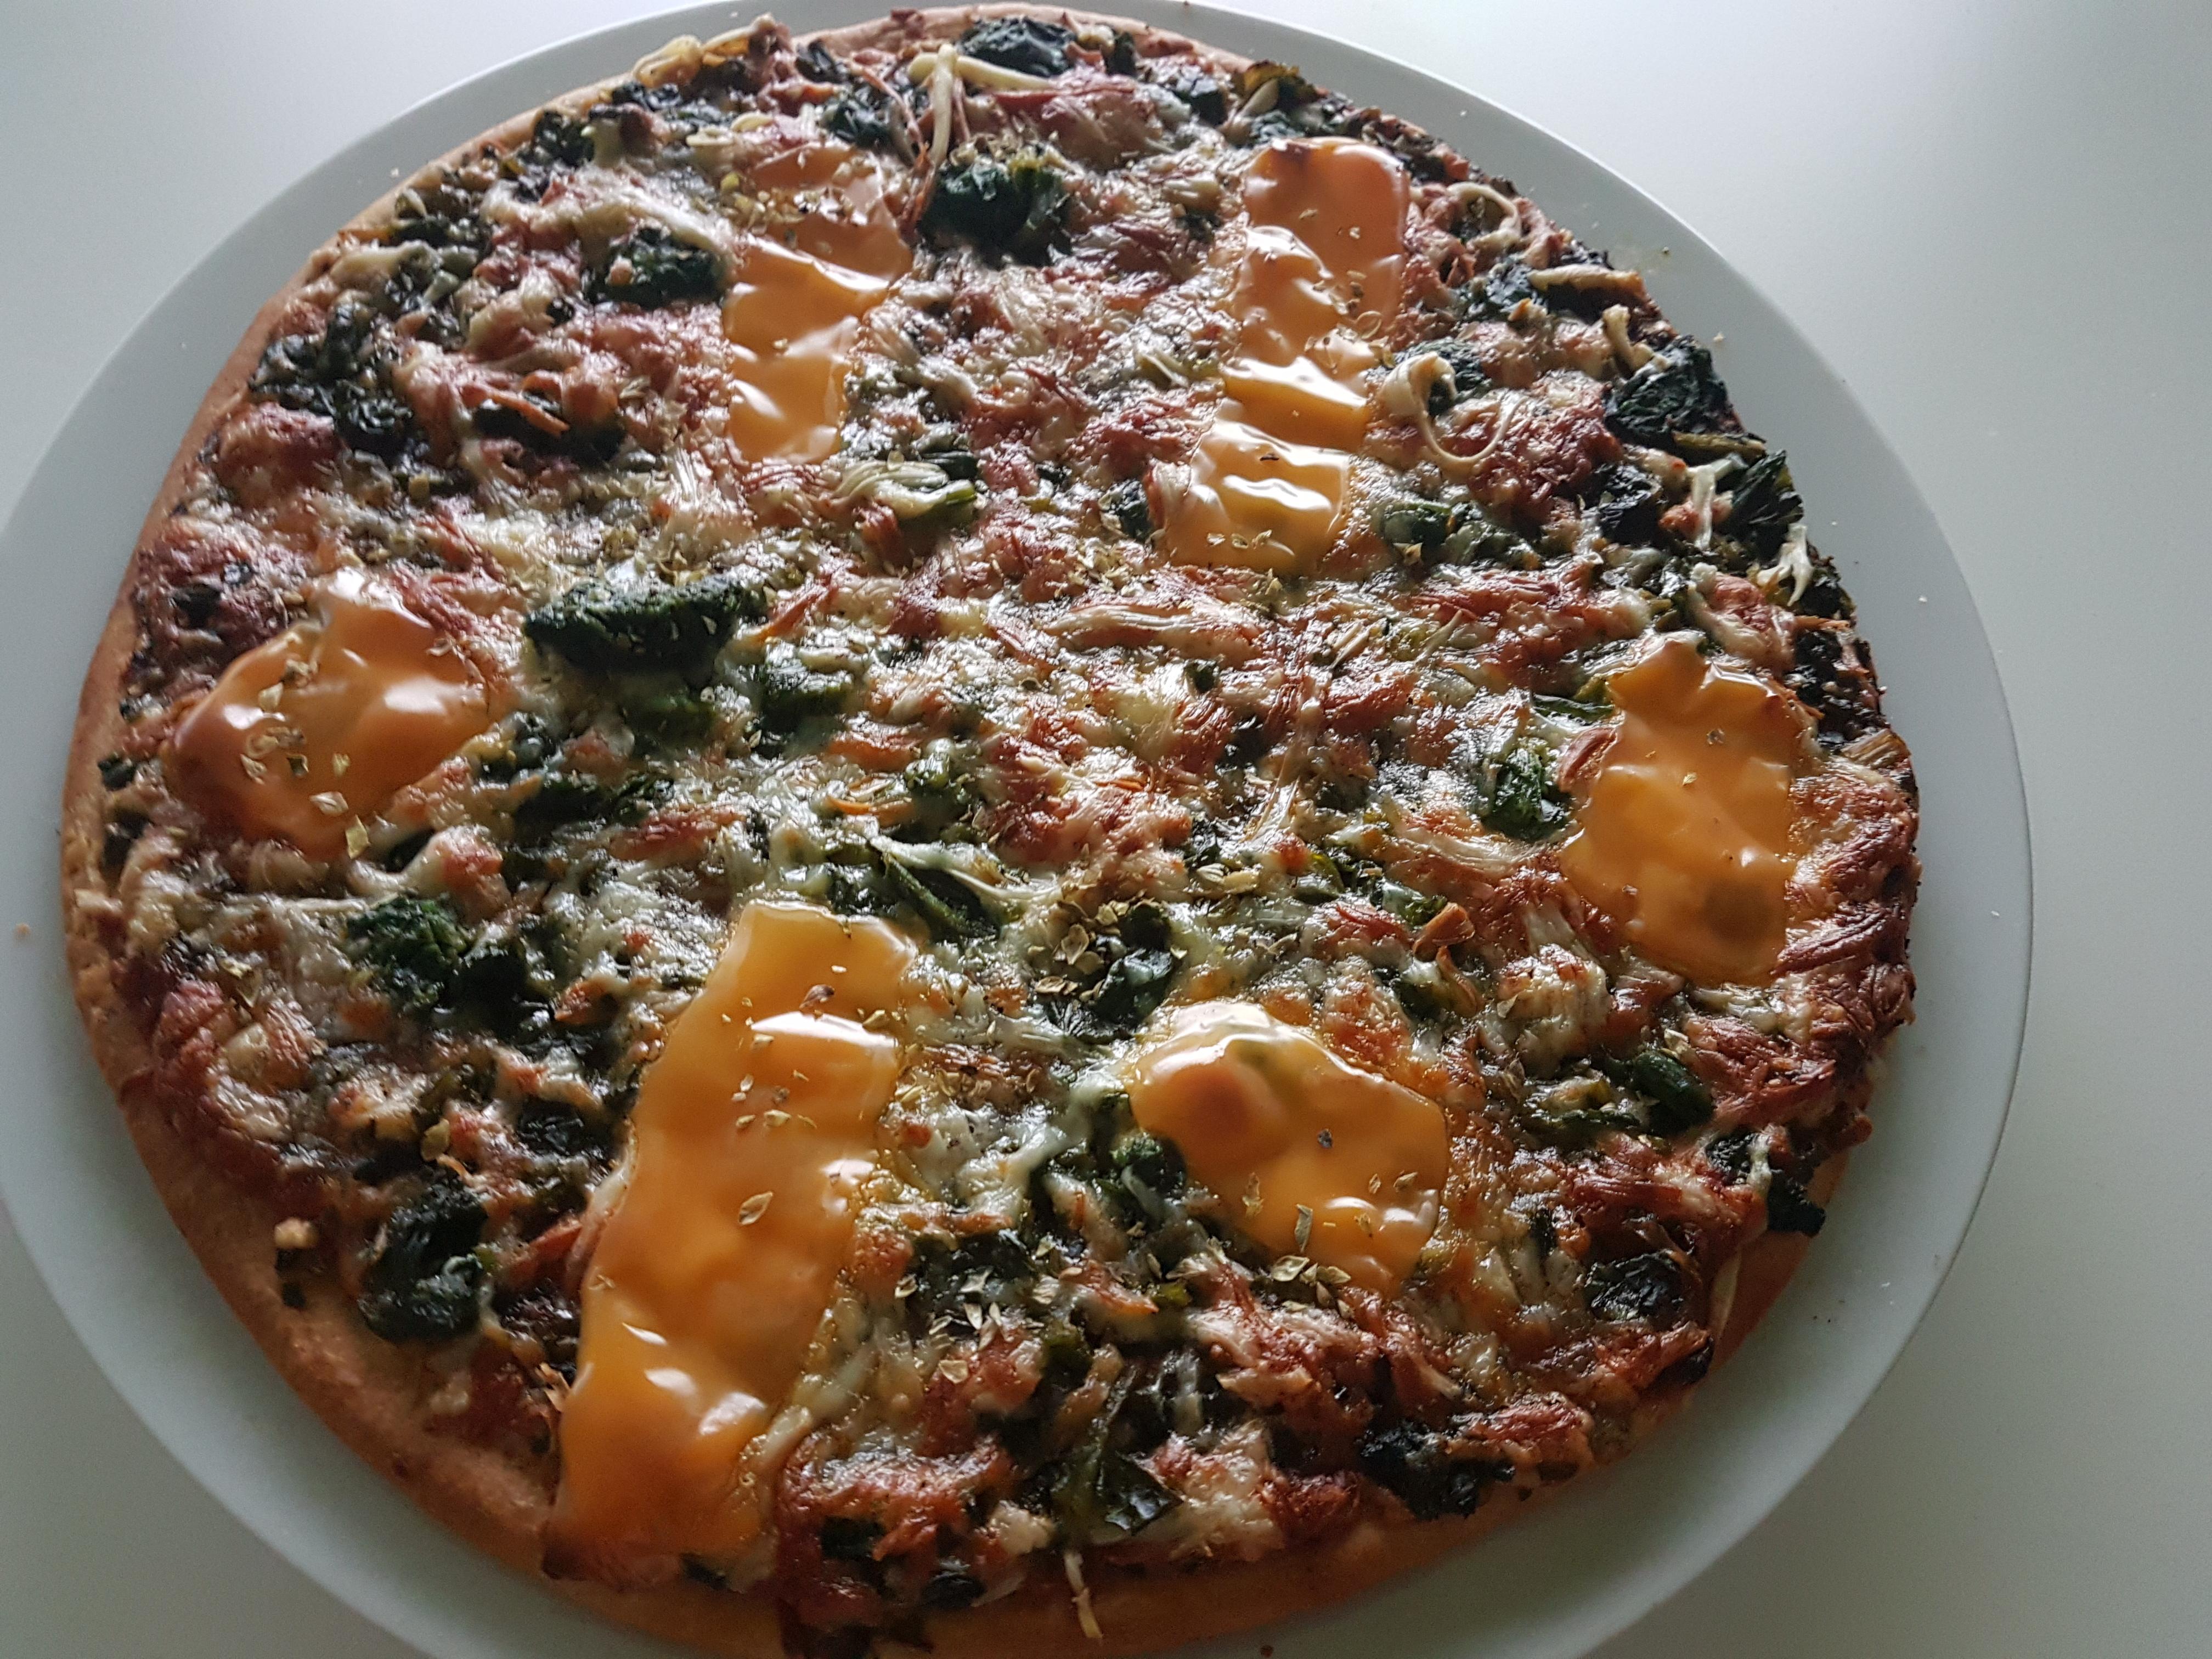 https://foodloader.net/Holz_2018-06-17_Pizza.jpg